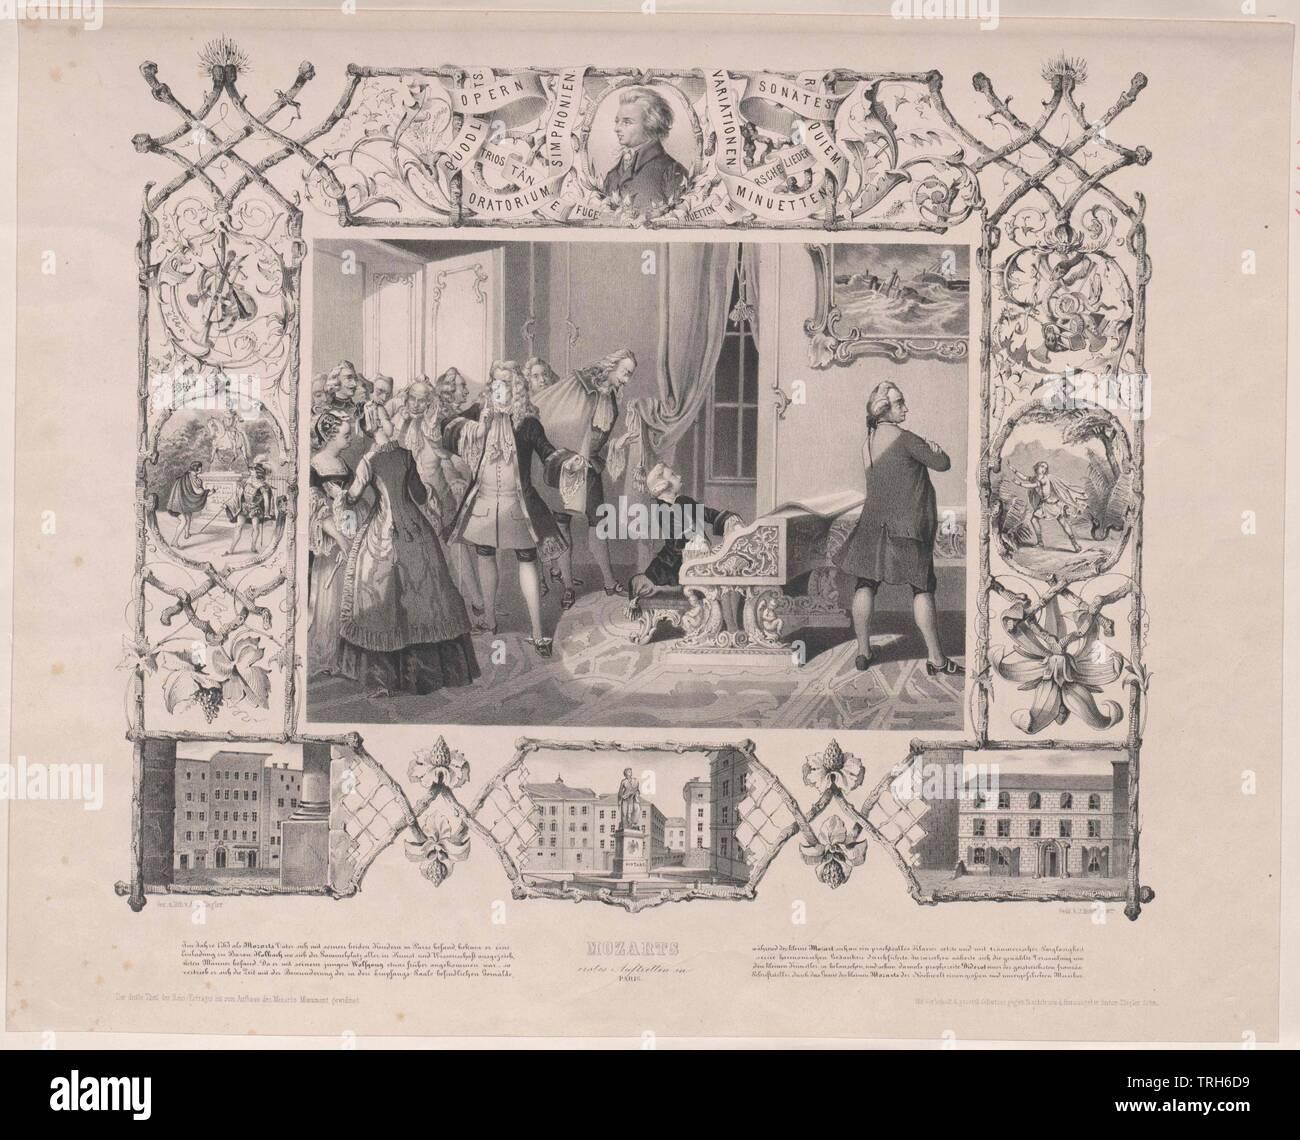 Mozart à Paris, Mozart première exécution à Paris en 1763. projet de lithographie et d'Anton Ziegler,photo du groupe, compositeur, compositeurs, de la culture, cultures, artiste, artistes, musiciens, personnalité, célébrités, musicien, en outre, d'autres, le classicisme viennois, 18e siècle, pleine longueur, pleine longueur, personnes, emerge, Additional-Rights Clearance-Info-émergentes,-Not-Available Photo Stock